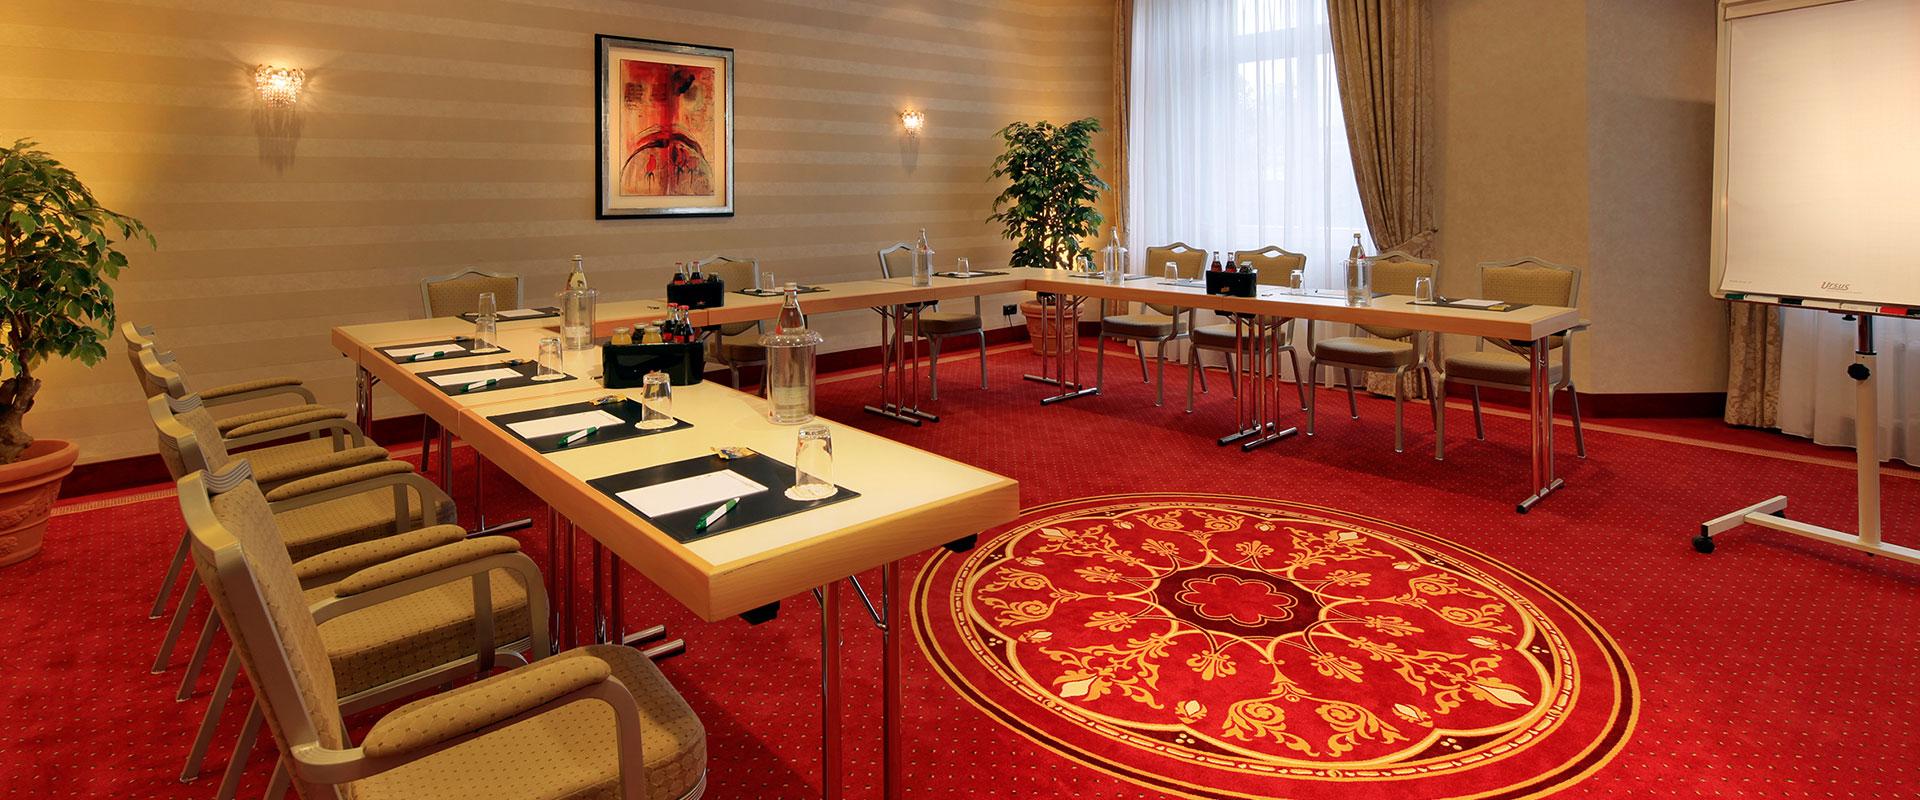 Konferenzraum mit schickem Teppichboden